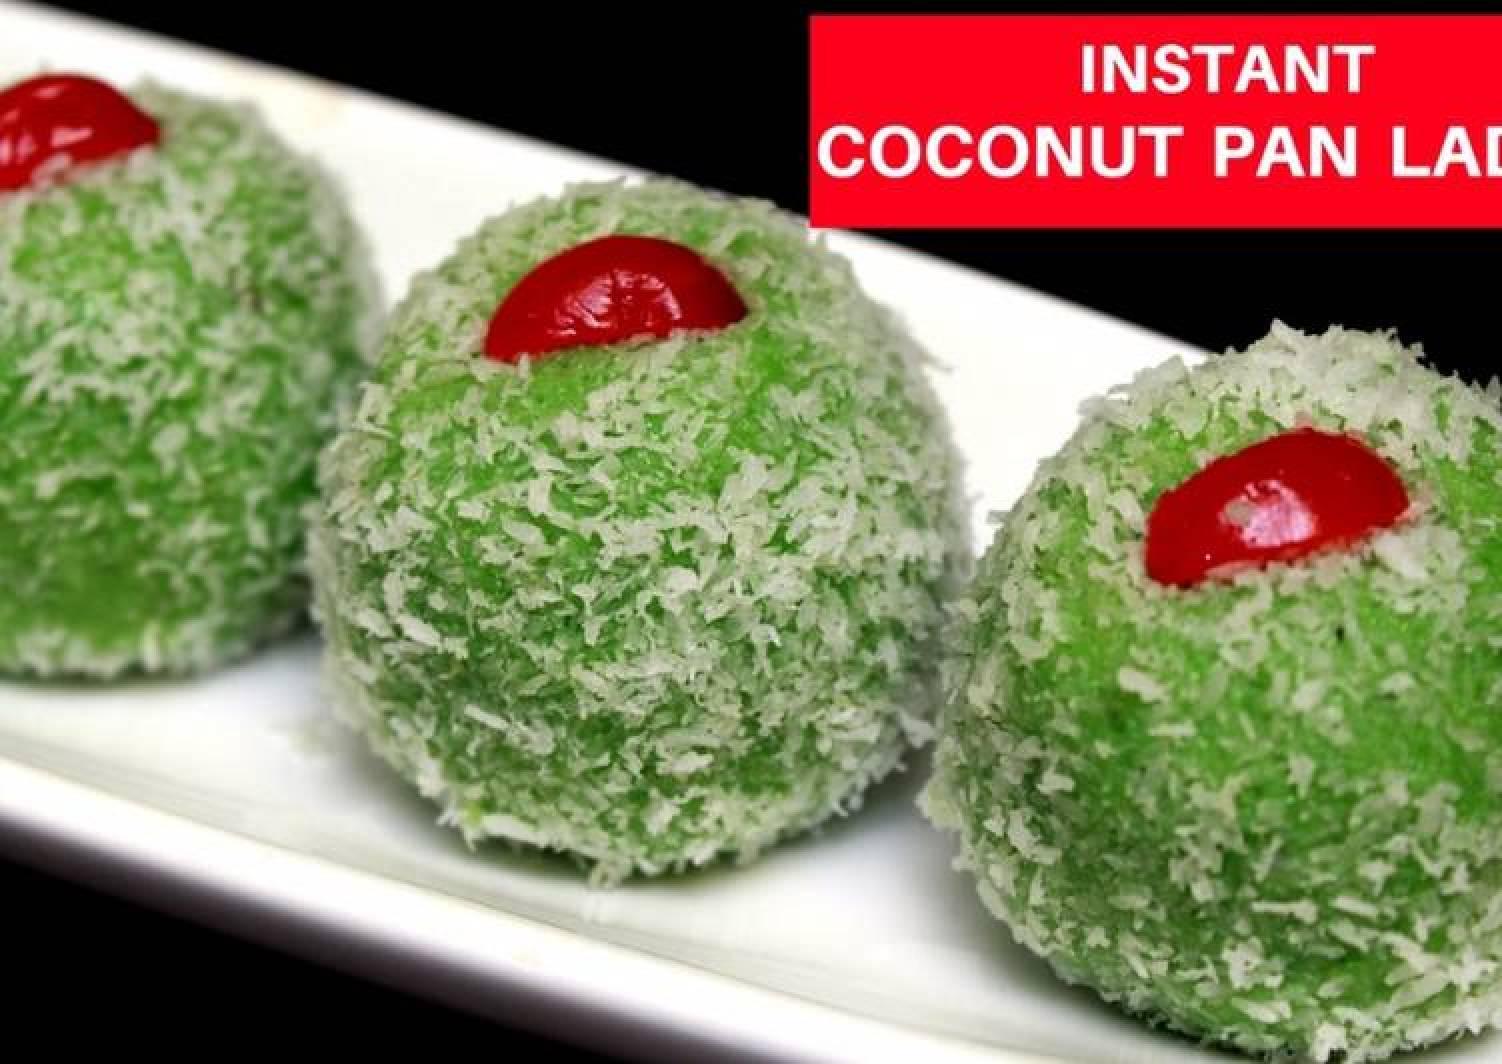 Pan Laddu | Paan Laddu | Coconut & Betel Leaves Balls | Pan Ke Ladoo